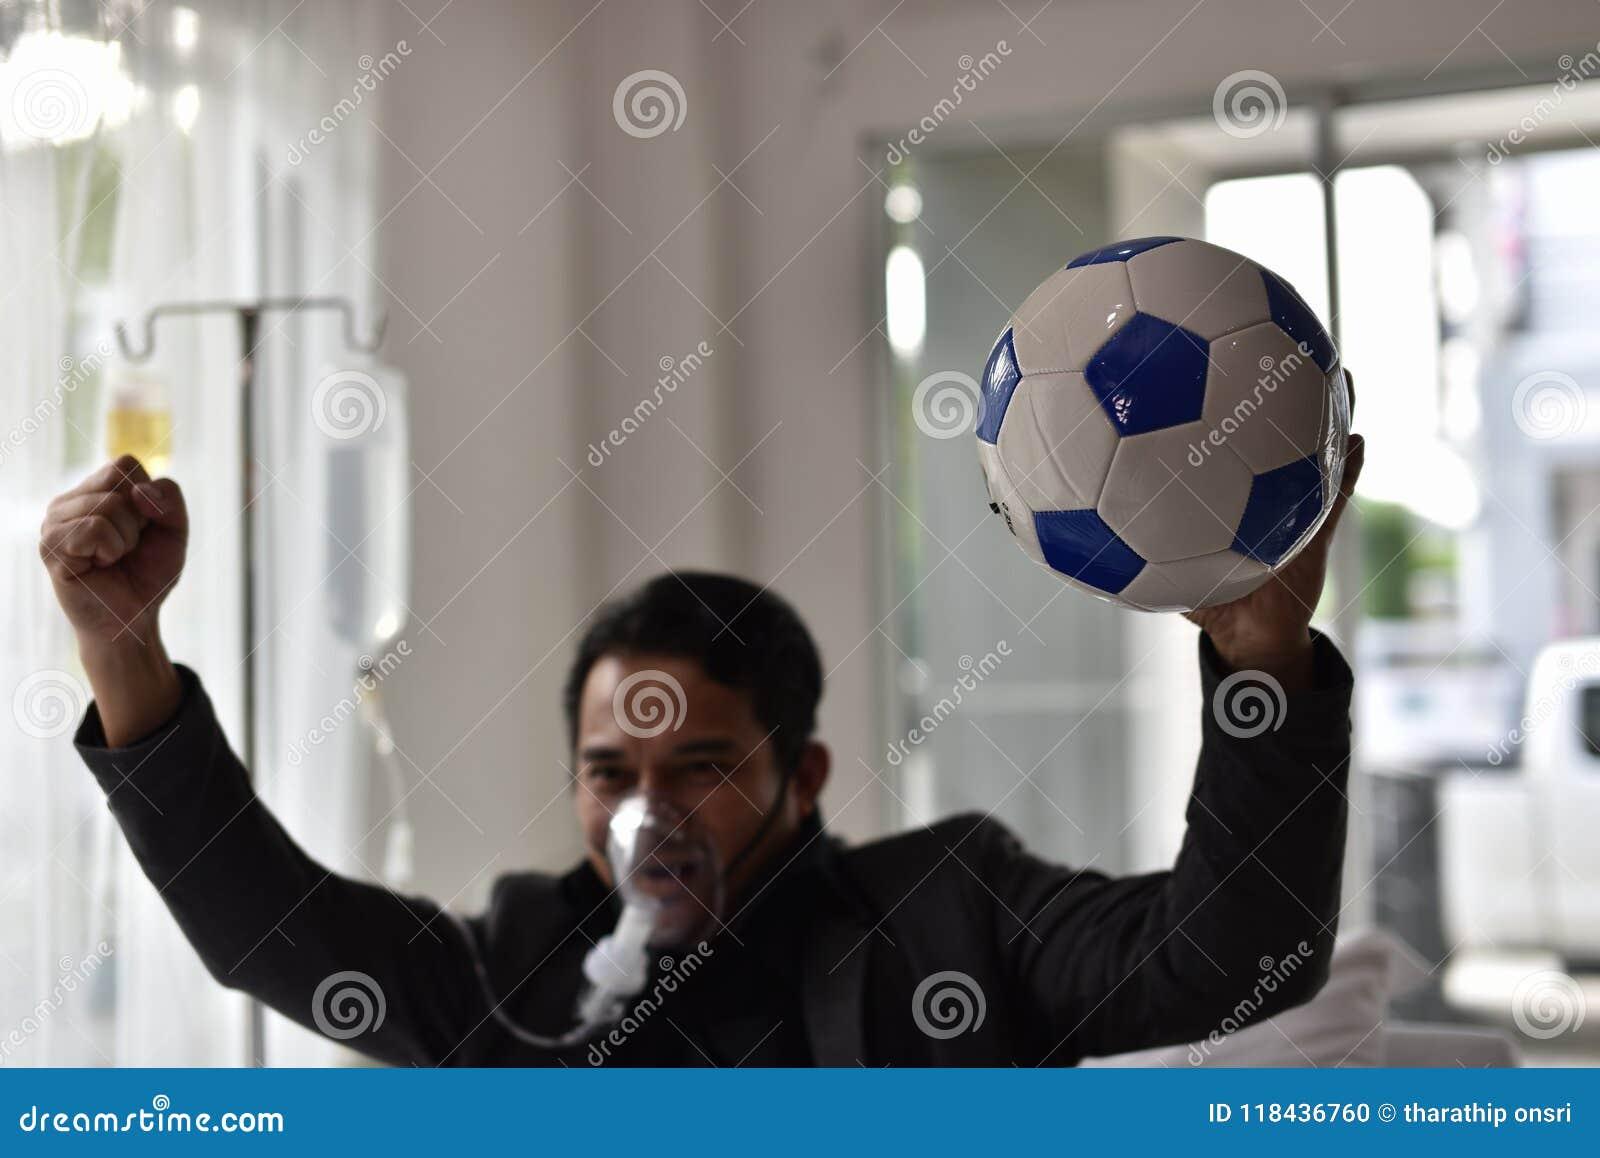 Geschäftsmänner haben noch einen Beifall für Fußball